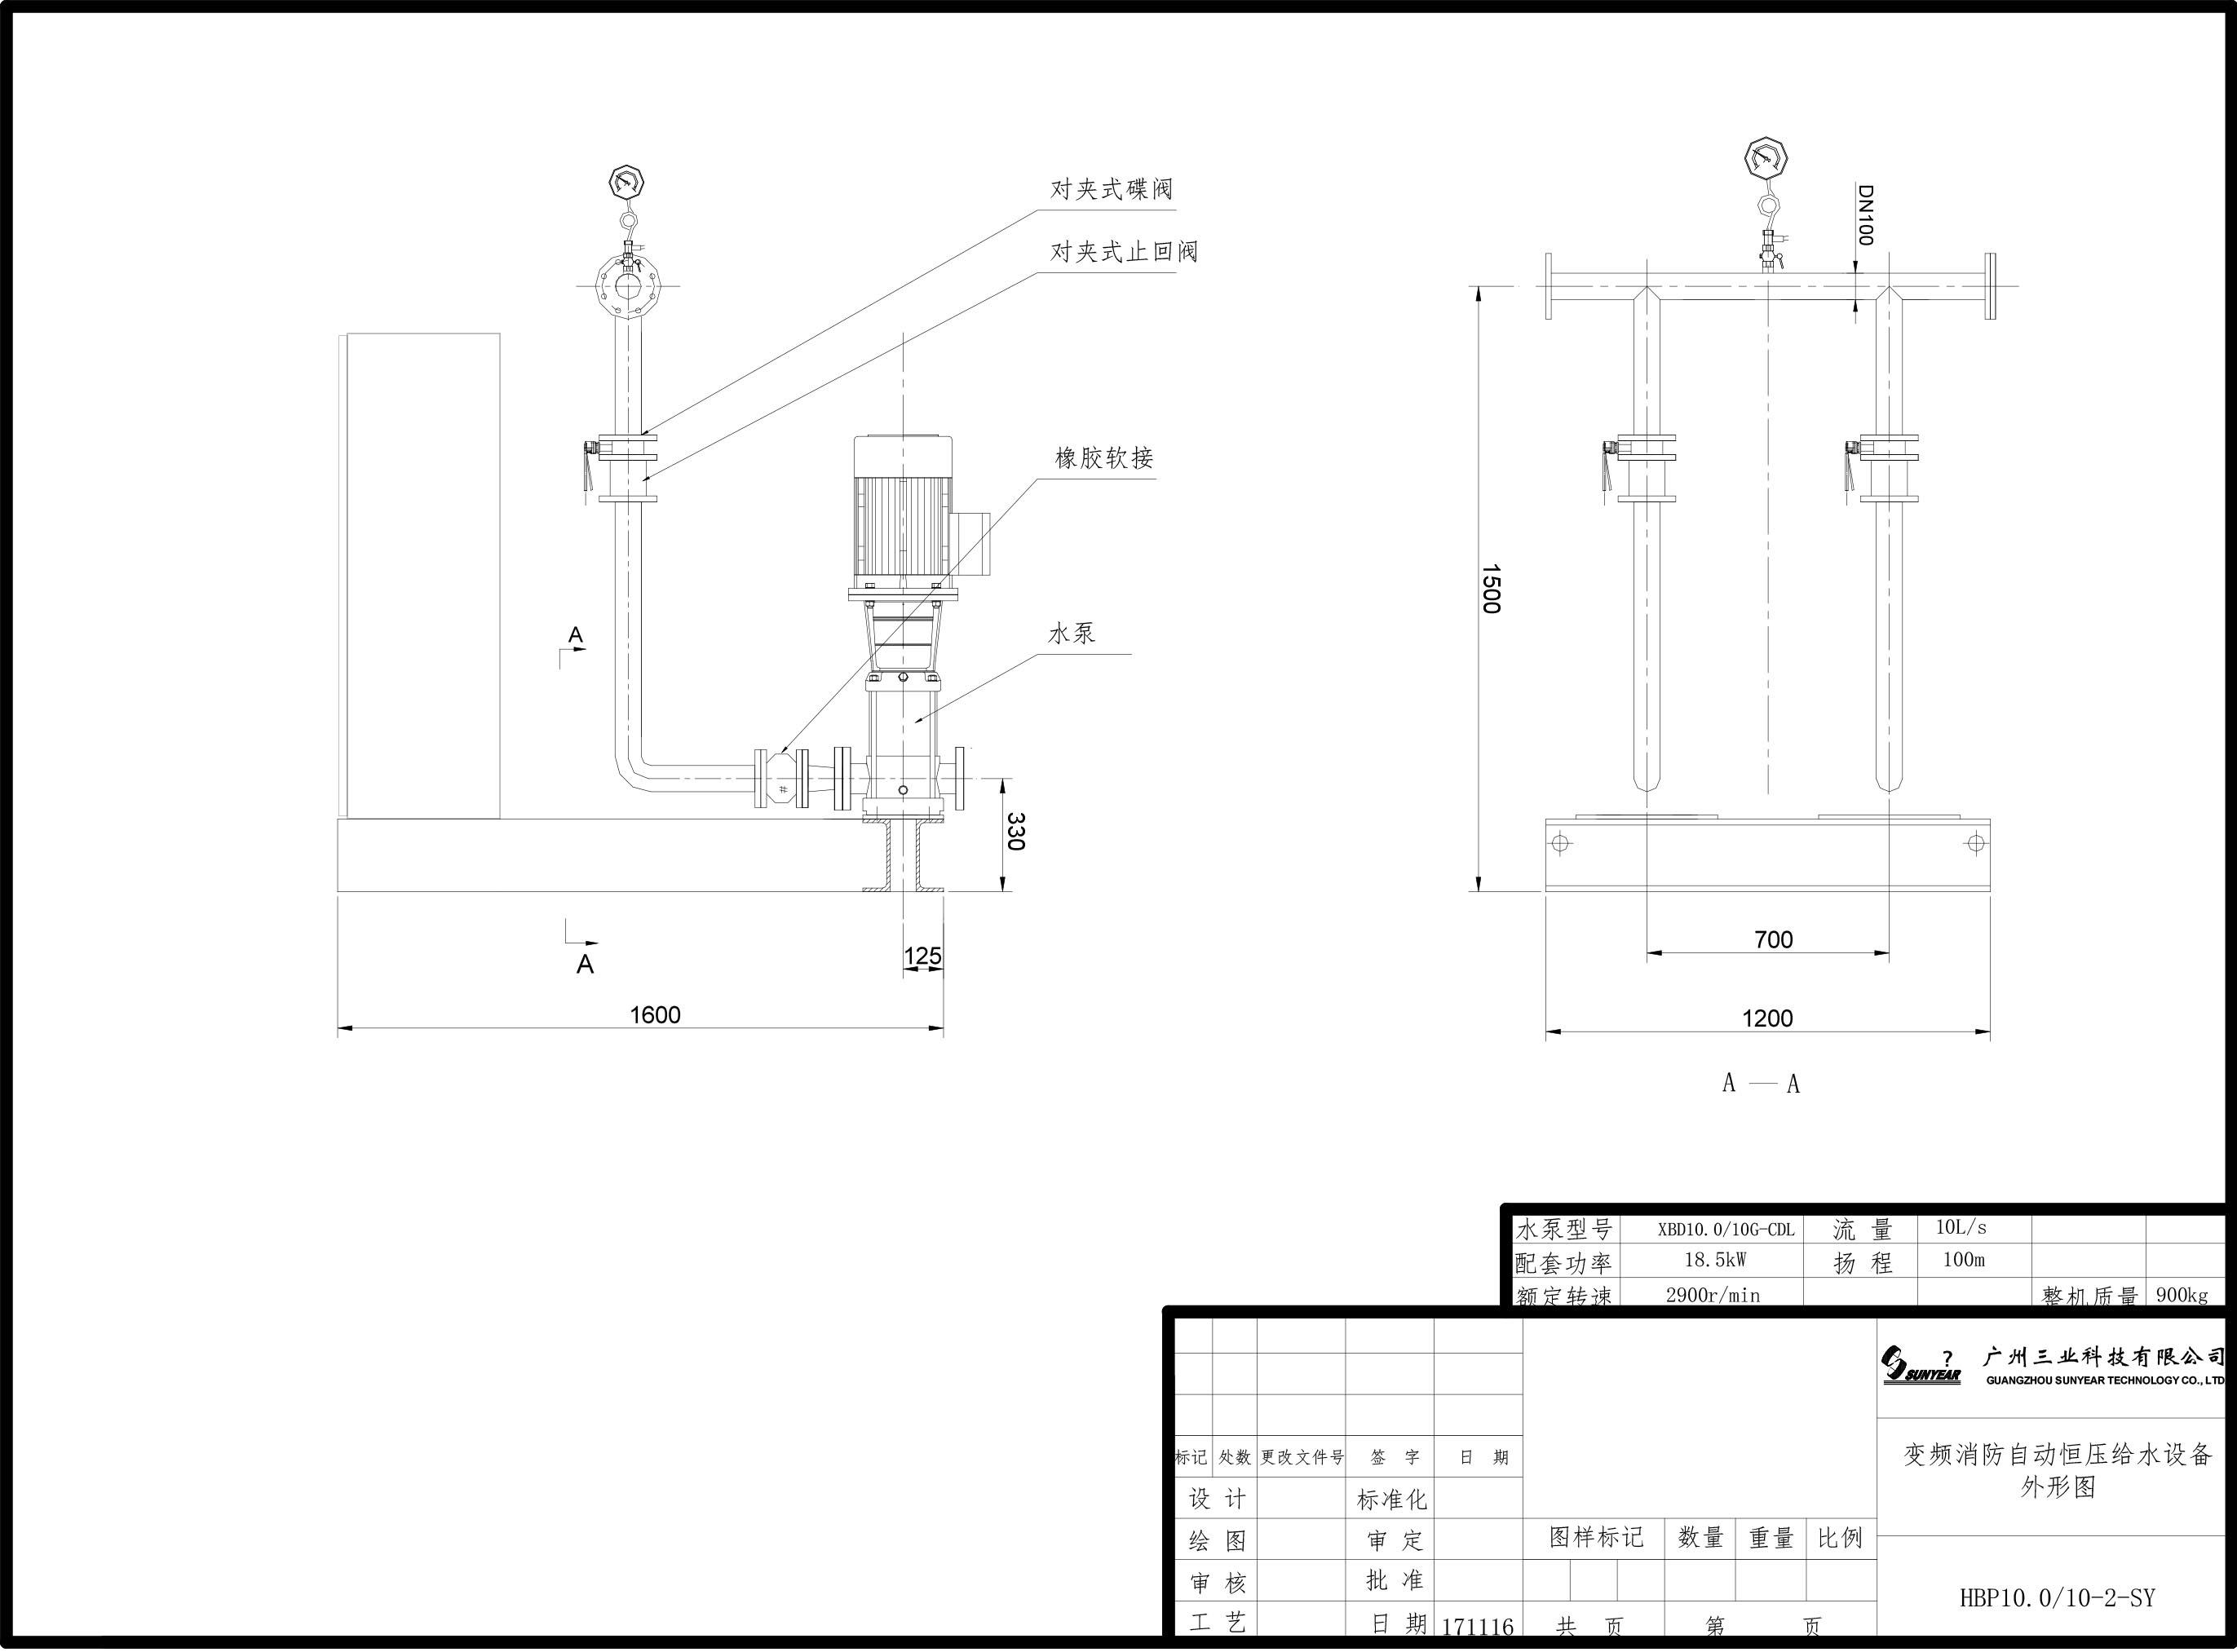 变频消防自动恒压给水设备产品简介-11